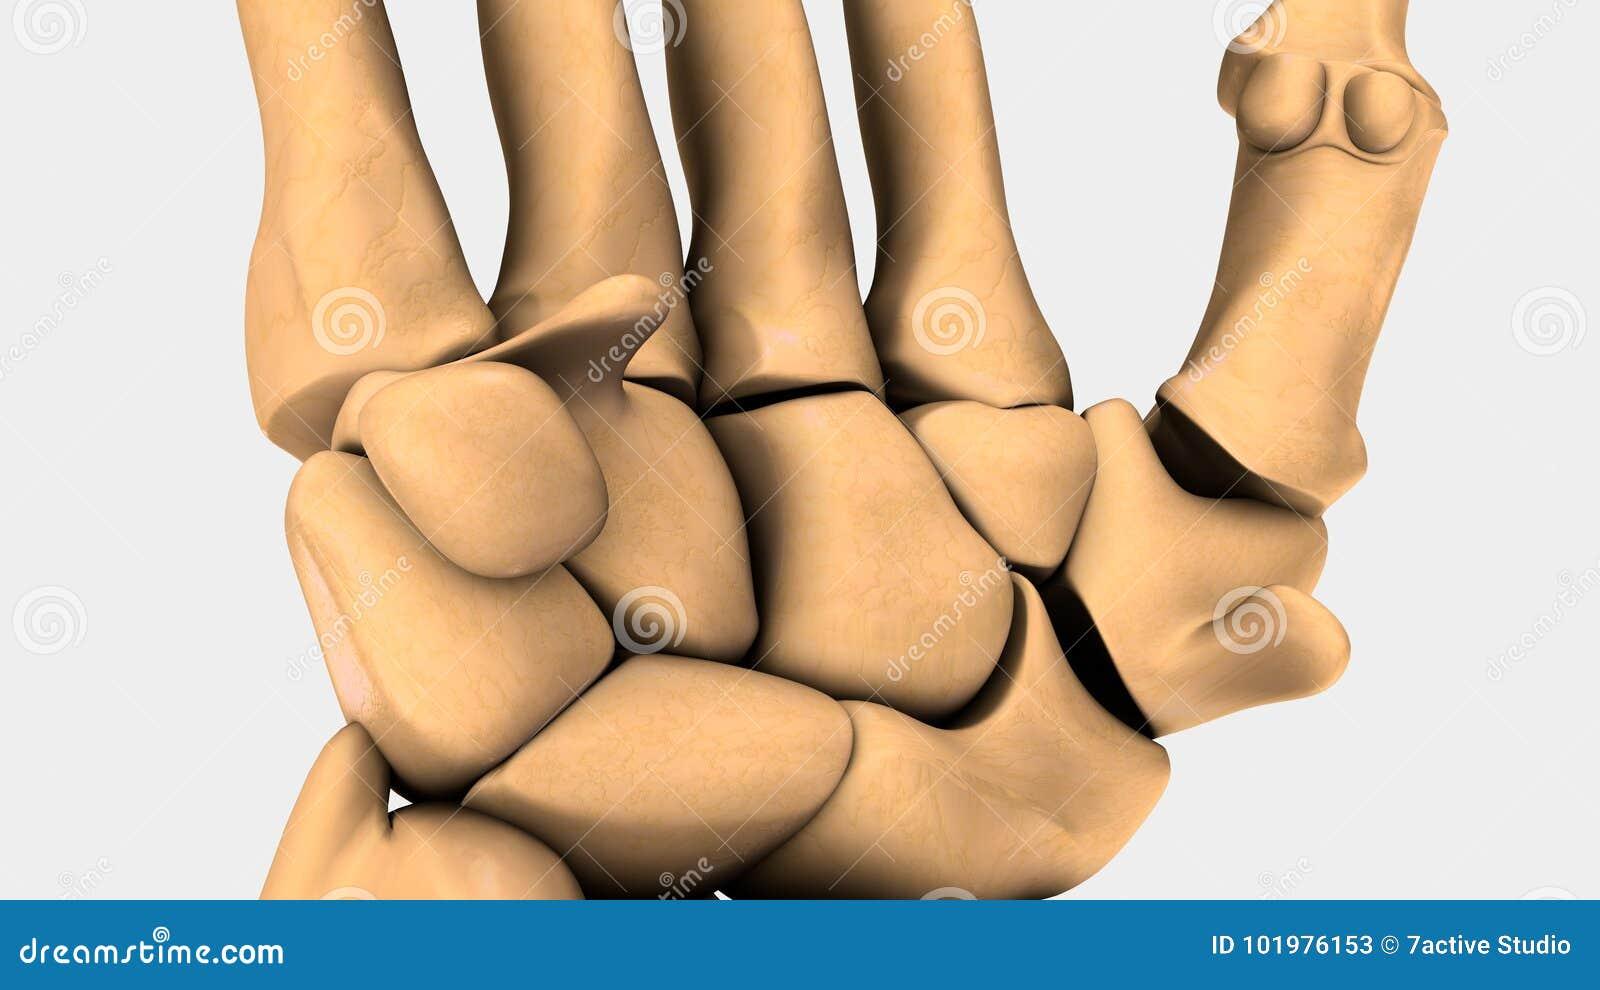 Fantastisch Was Sind Die Knochen Im Handgelenk Genannt Bilder ...